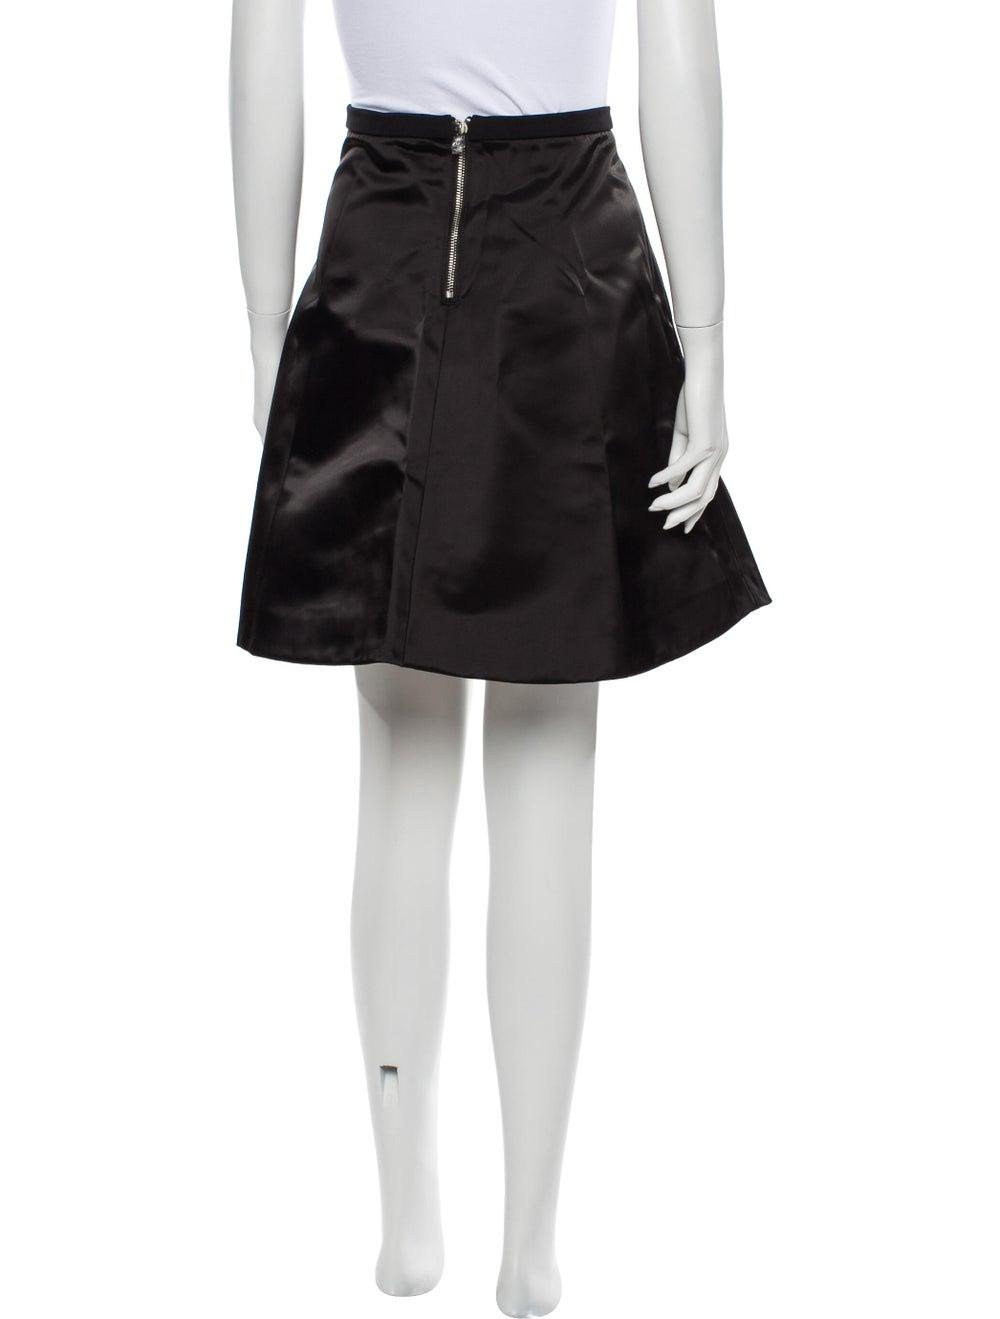 Acne Studios Knee-Length Skirt Black - image 3